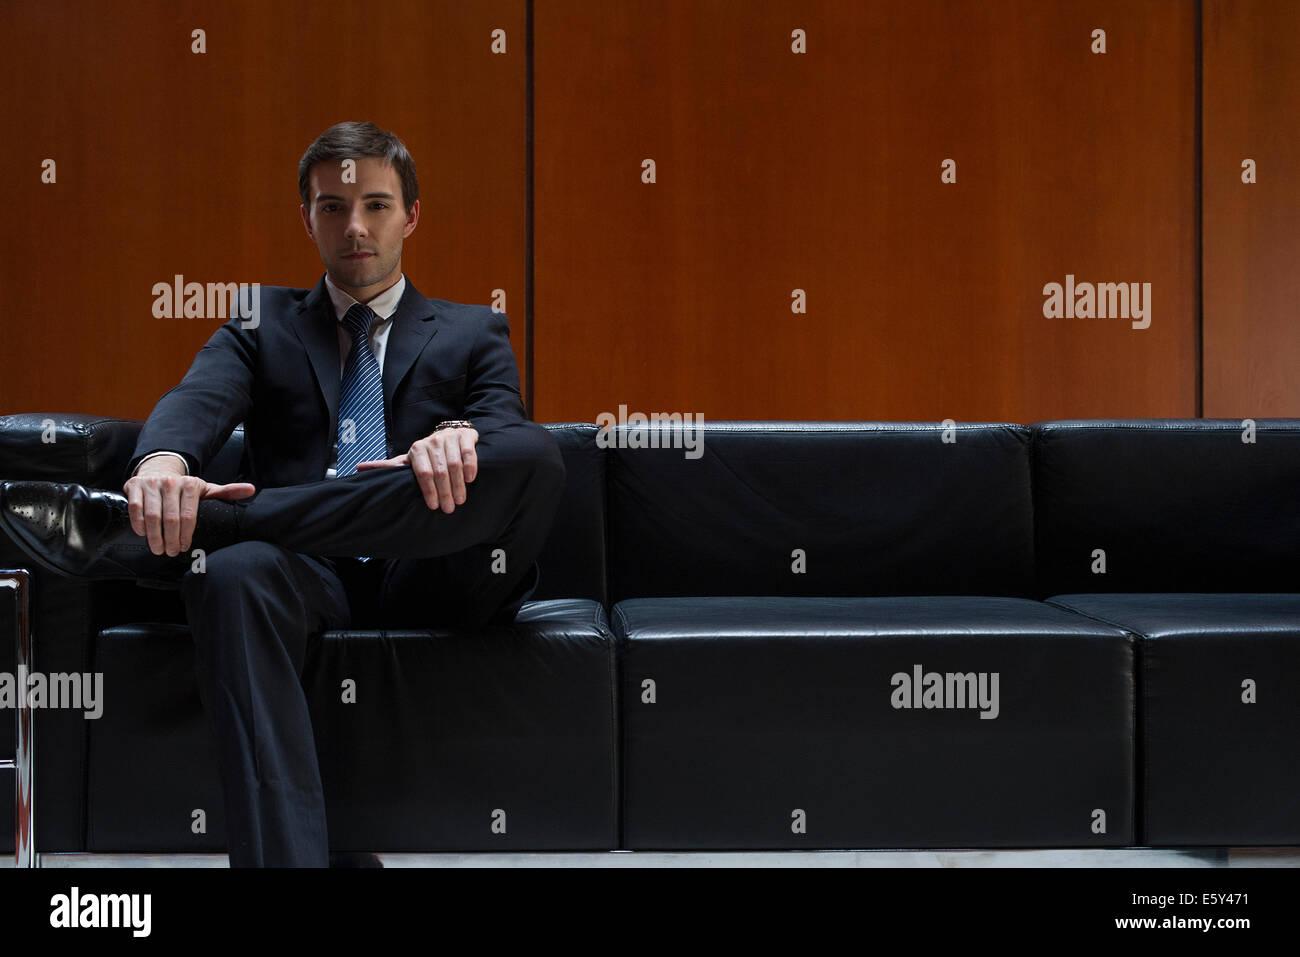 El empresario está sentado en la sala de espera, Retrato Imagen De Stock